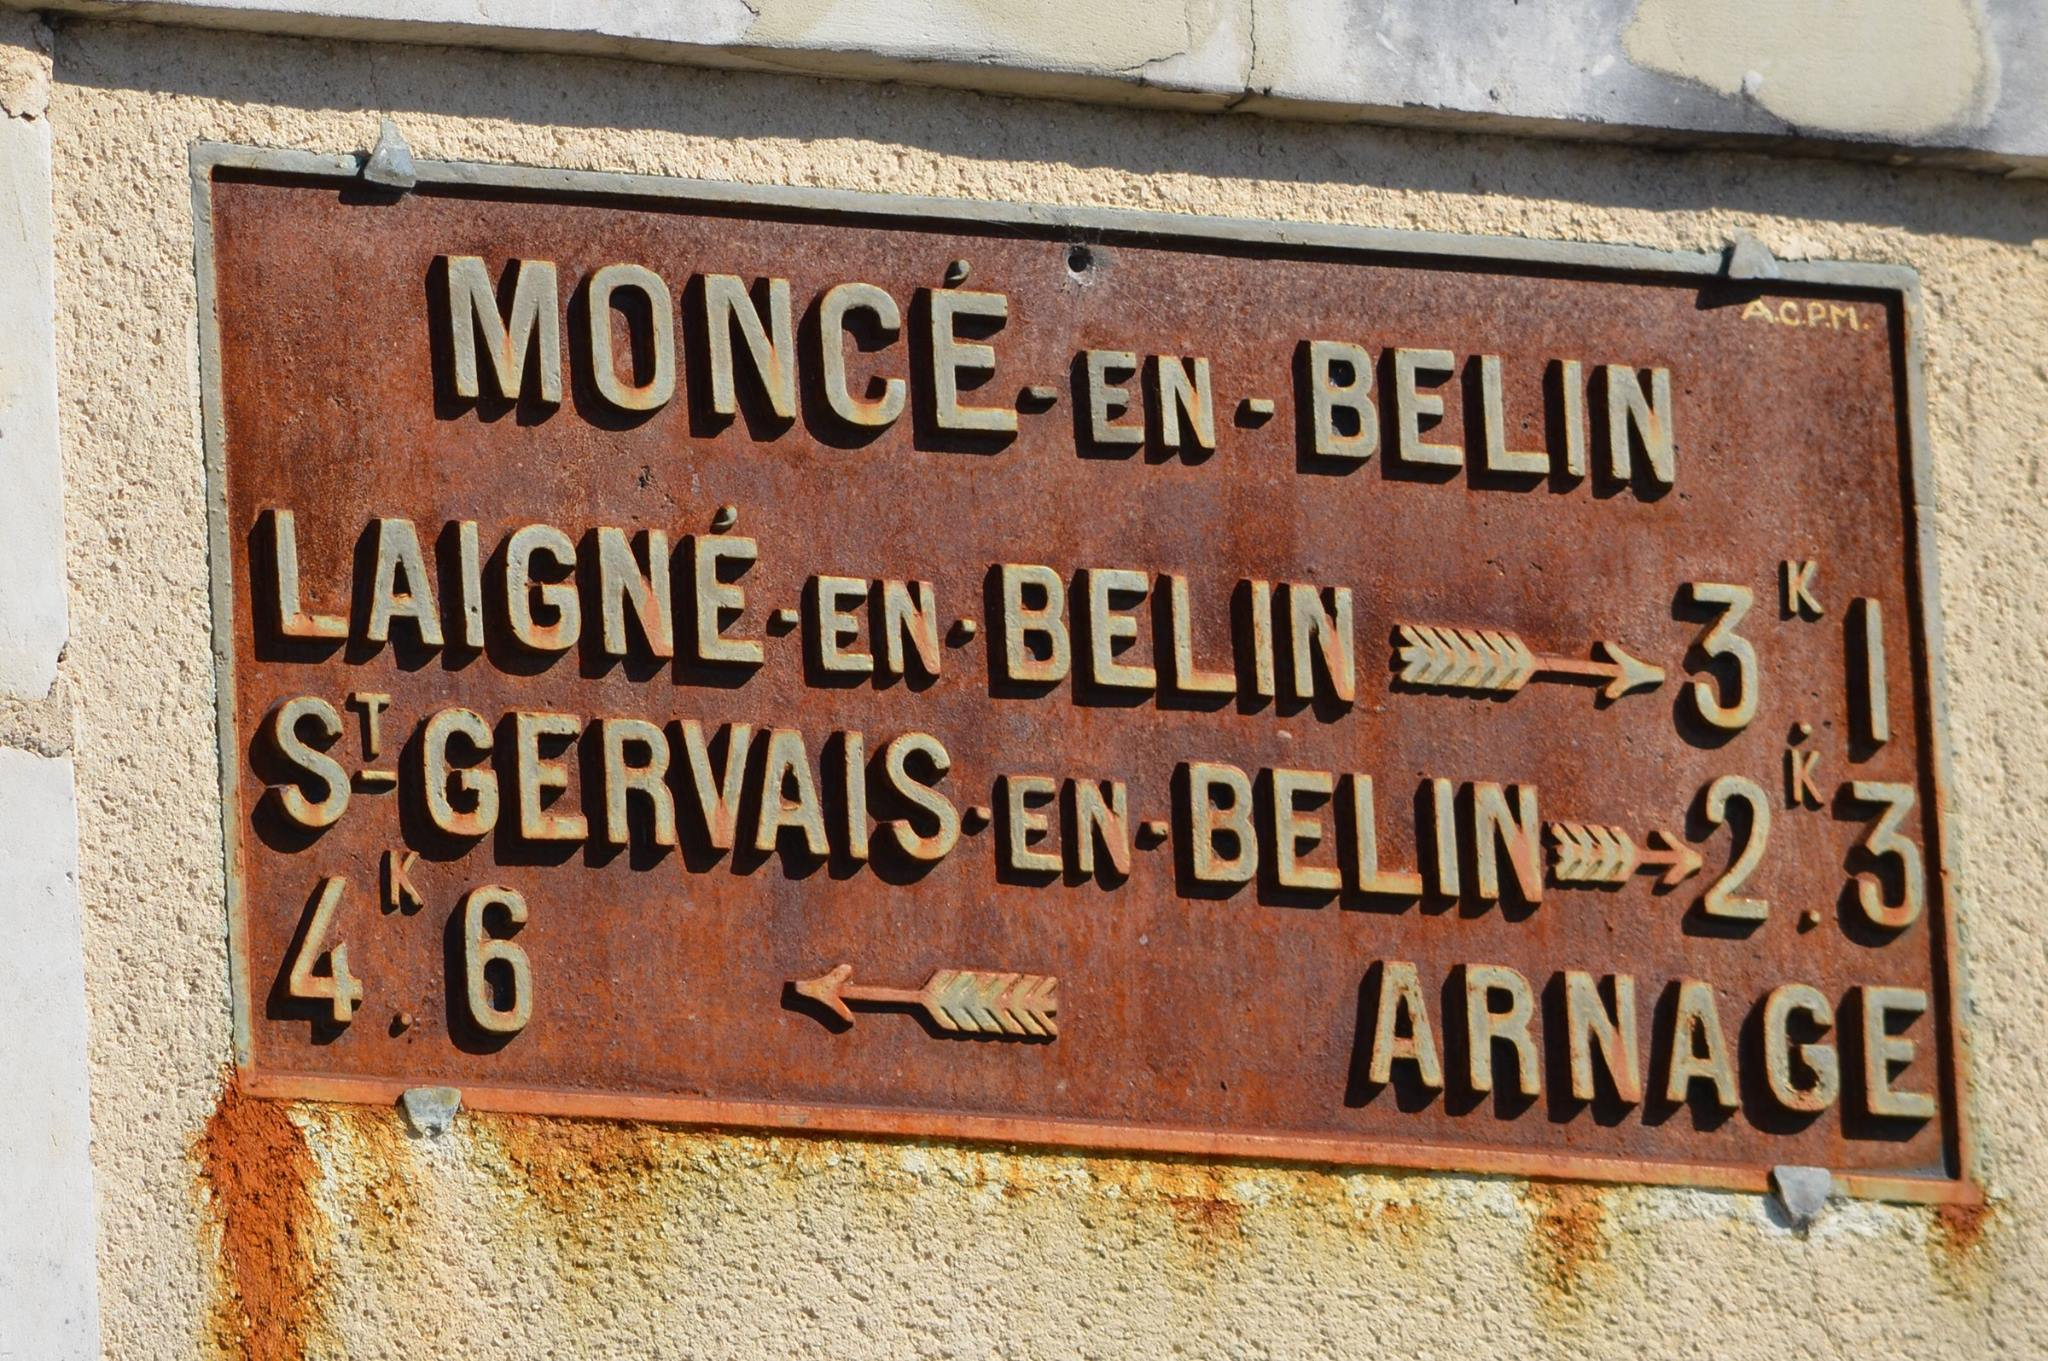 Moncé en Belin - Plaque de cocher - Laigné en Belin - Saint Gervais en Belin - Arnage (San Doni)